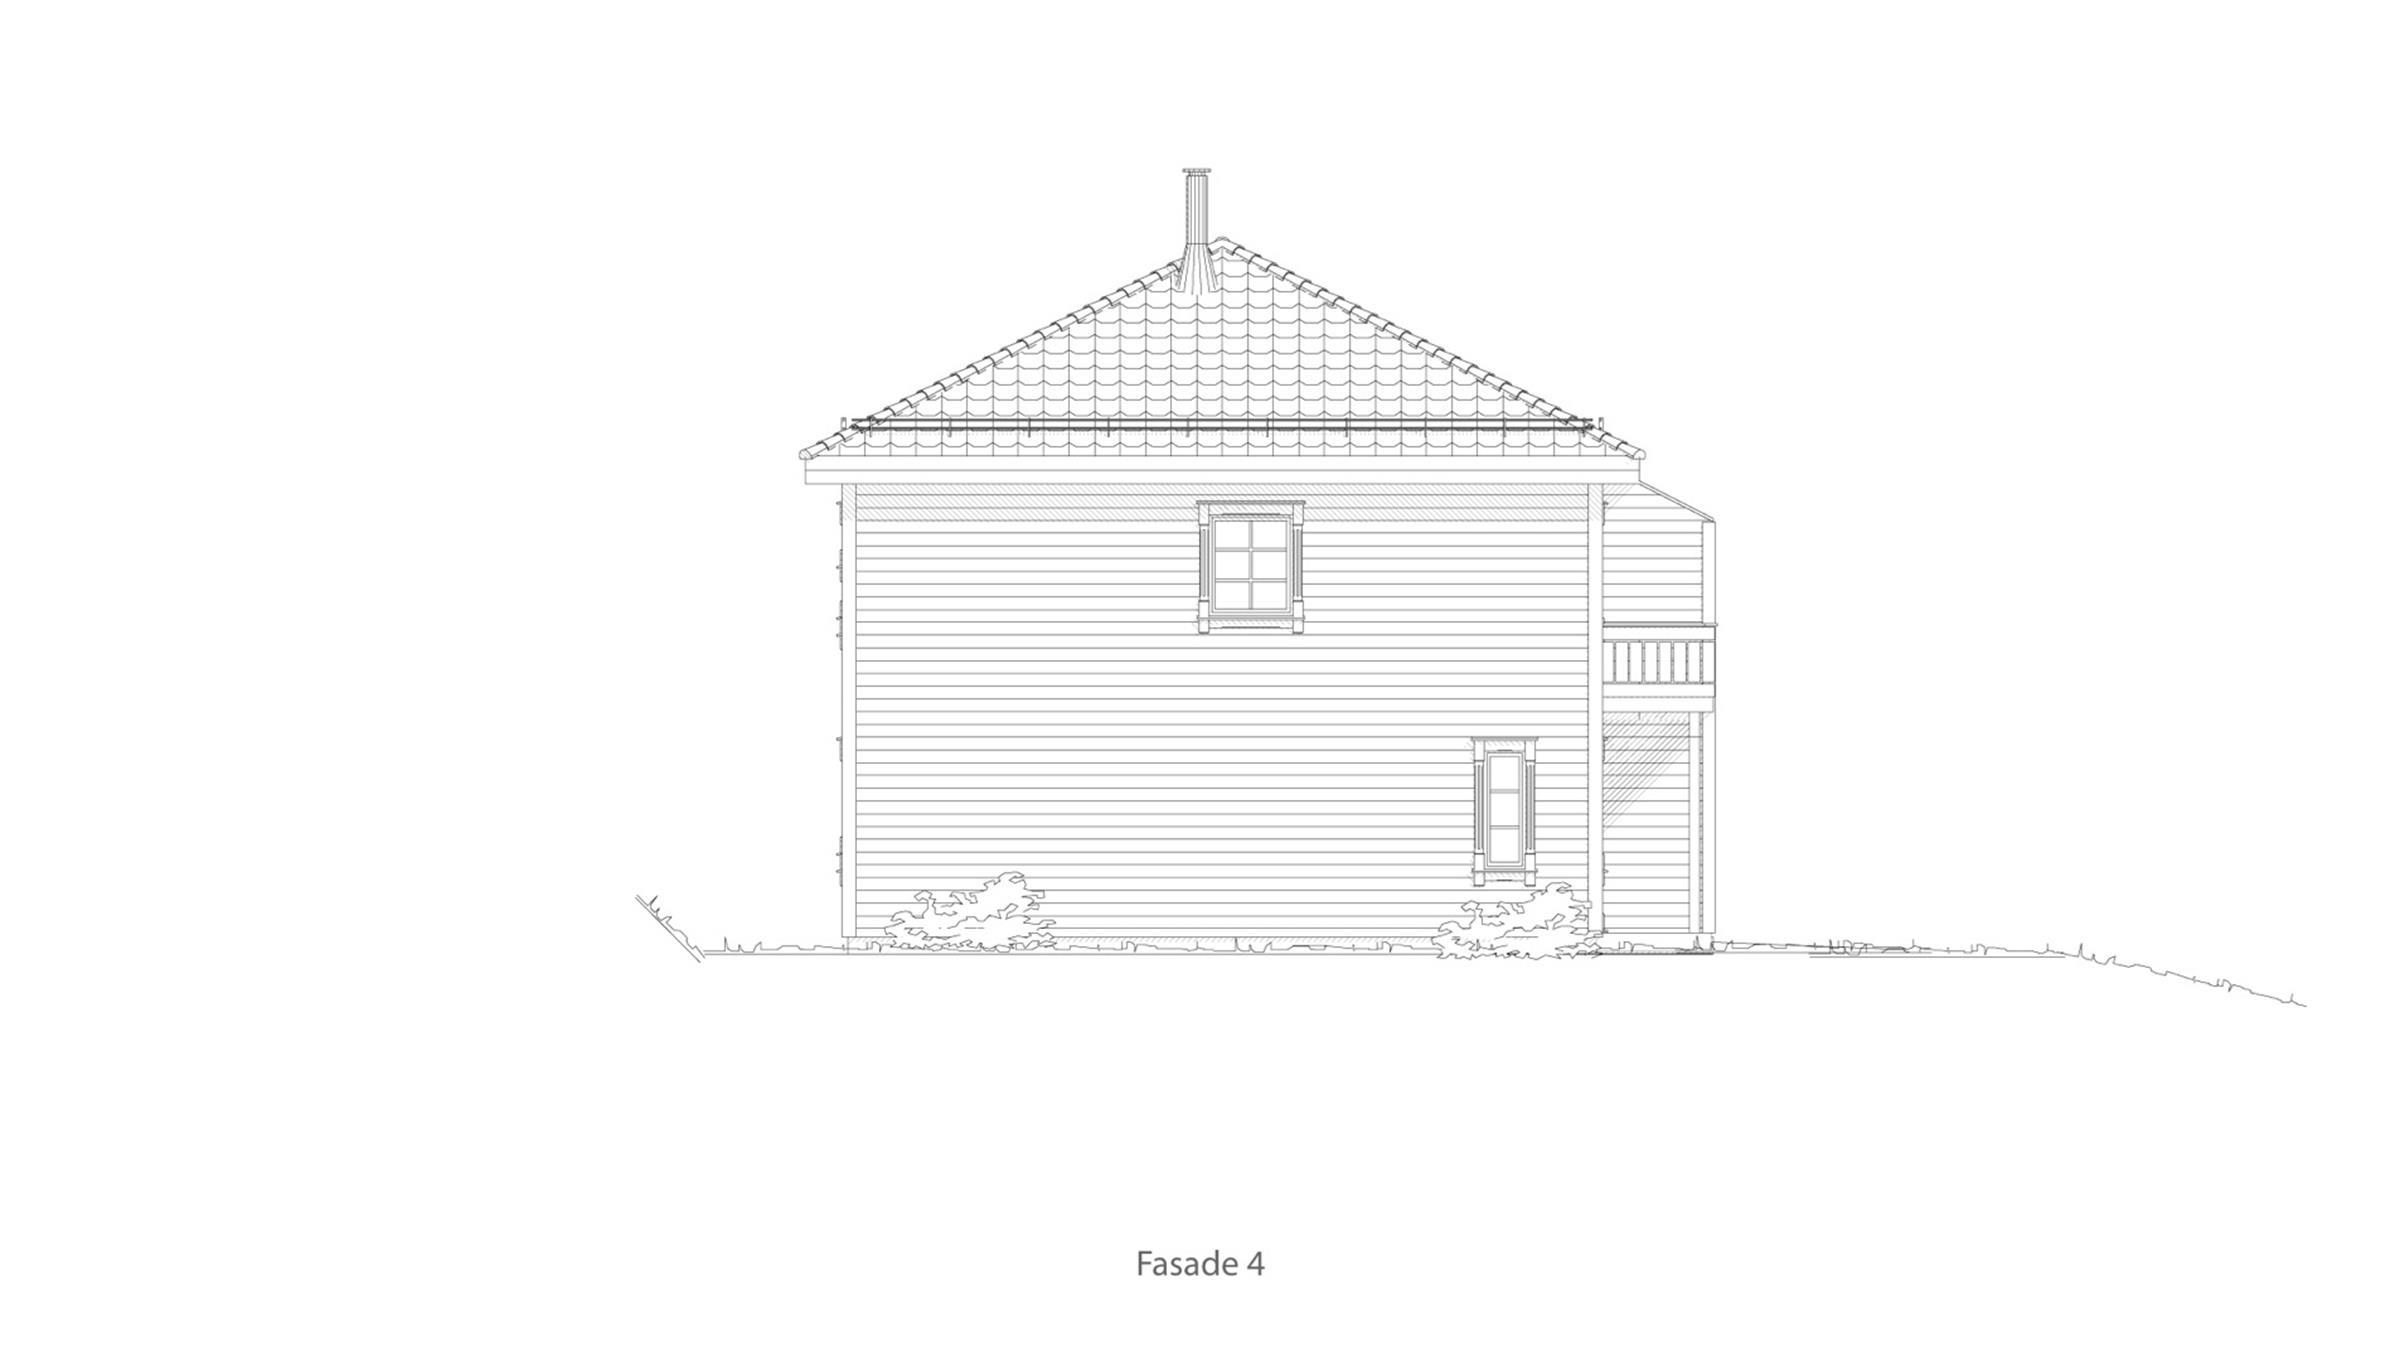 Halden fasade 4